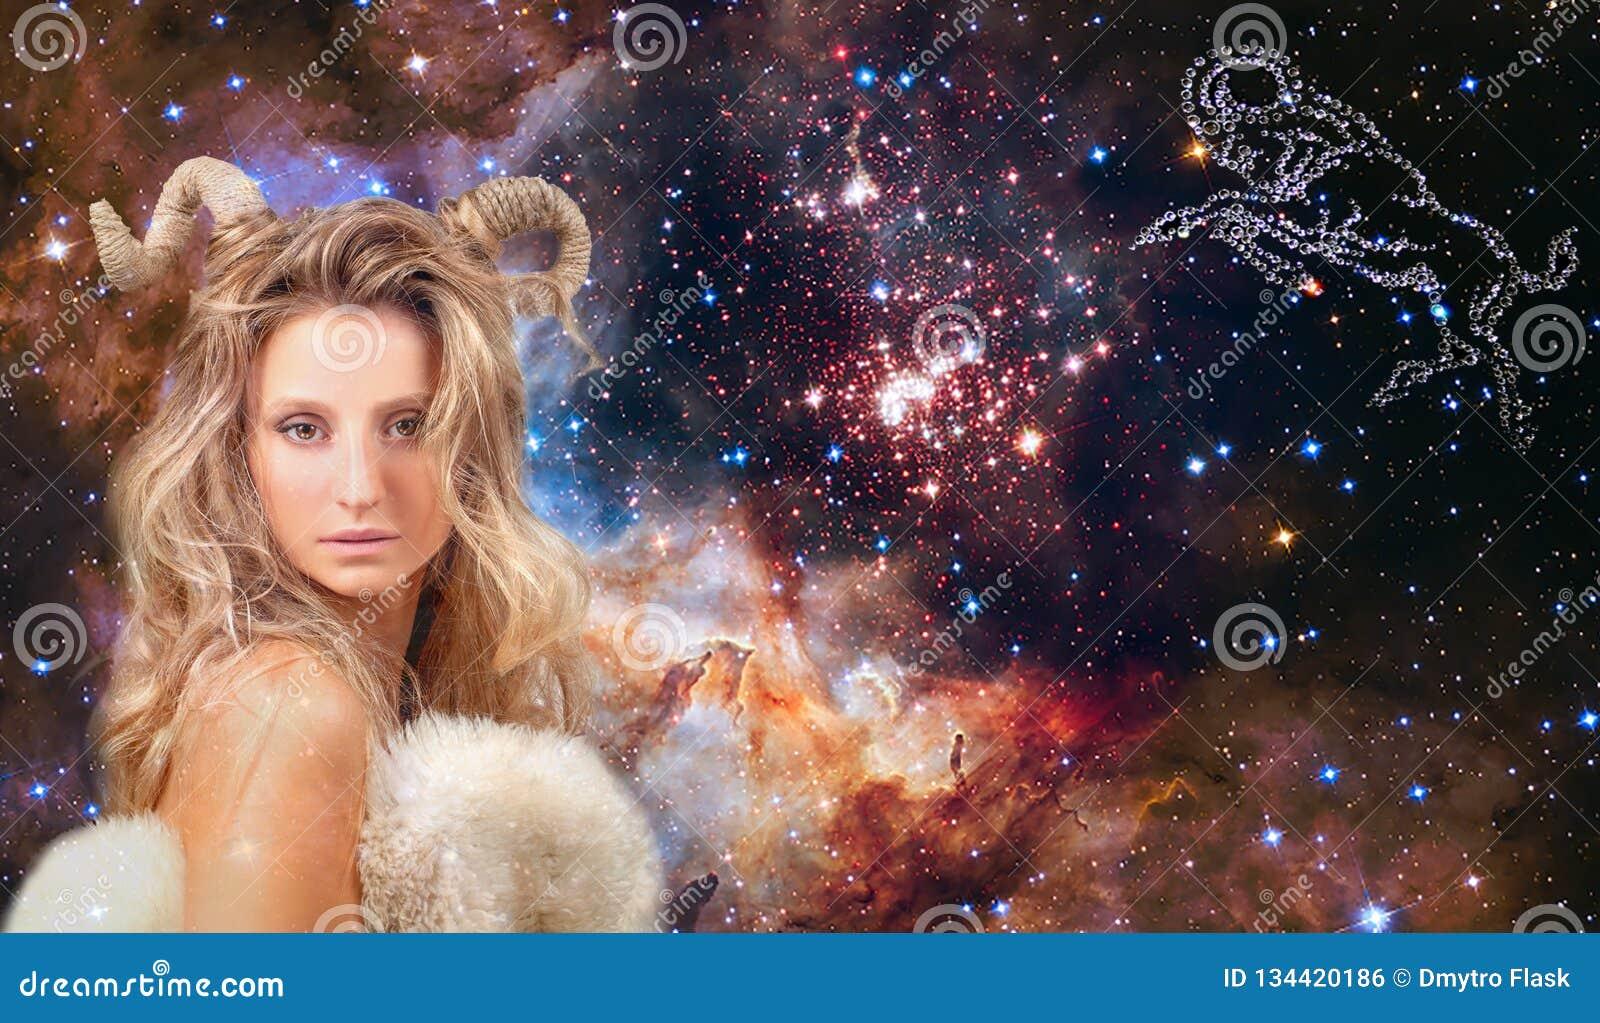 Astrologie et horoscope Aries Zodiac Sign, beau Bélier de femme sur le fond de galaxie